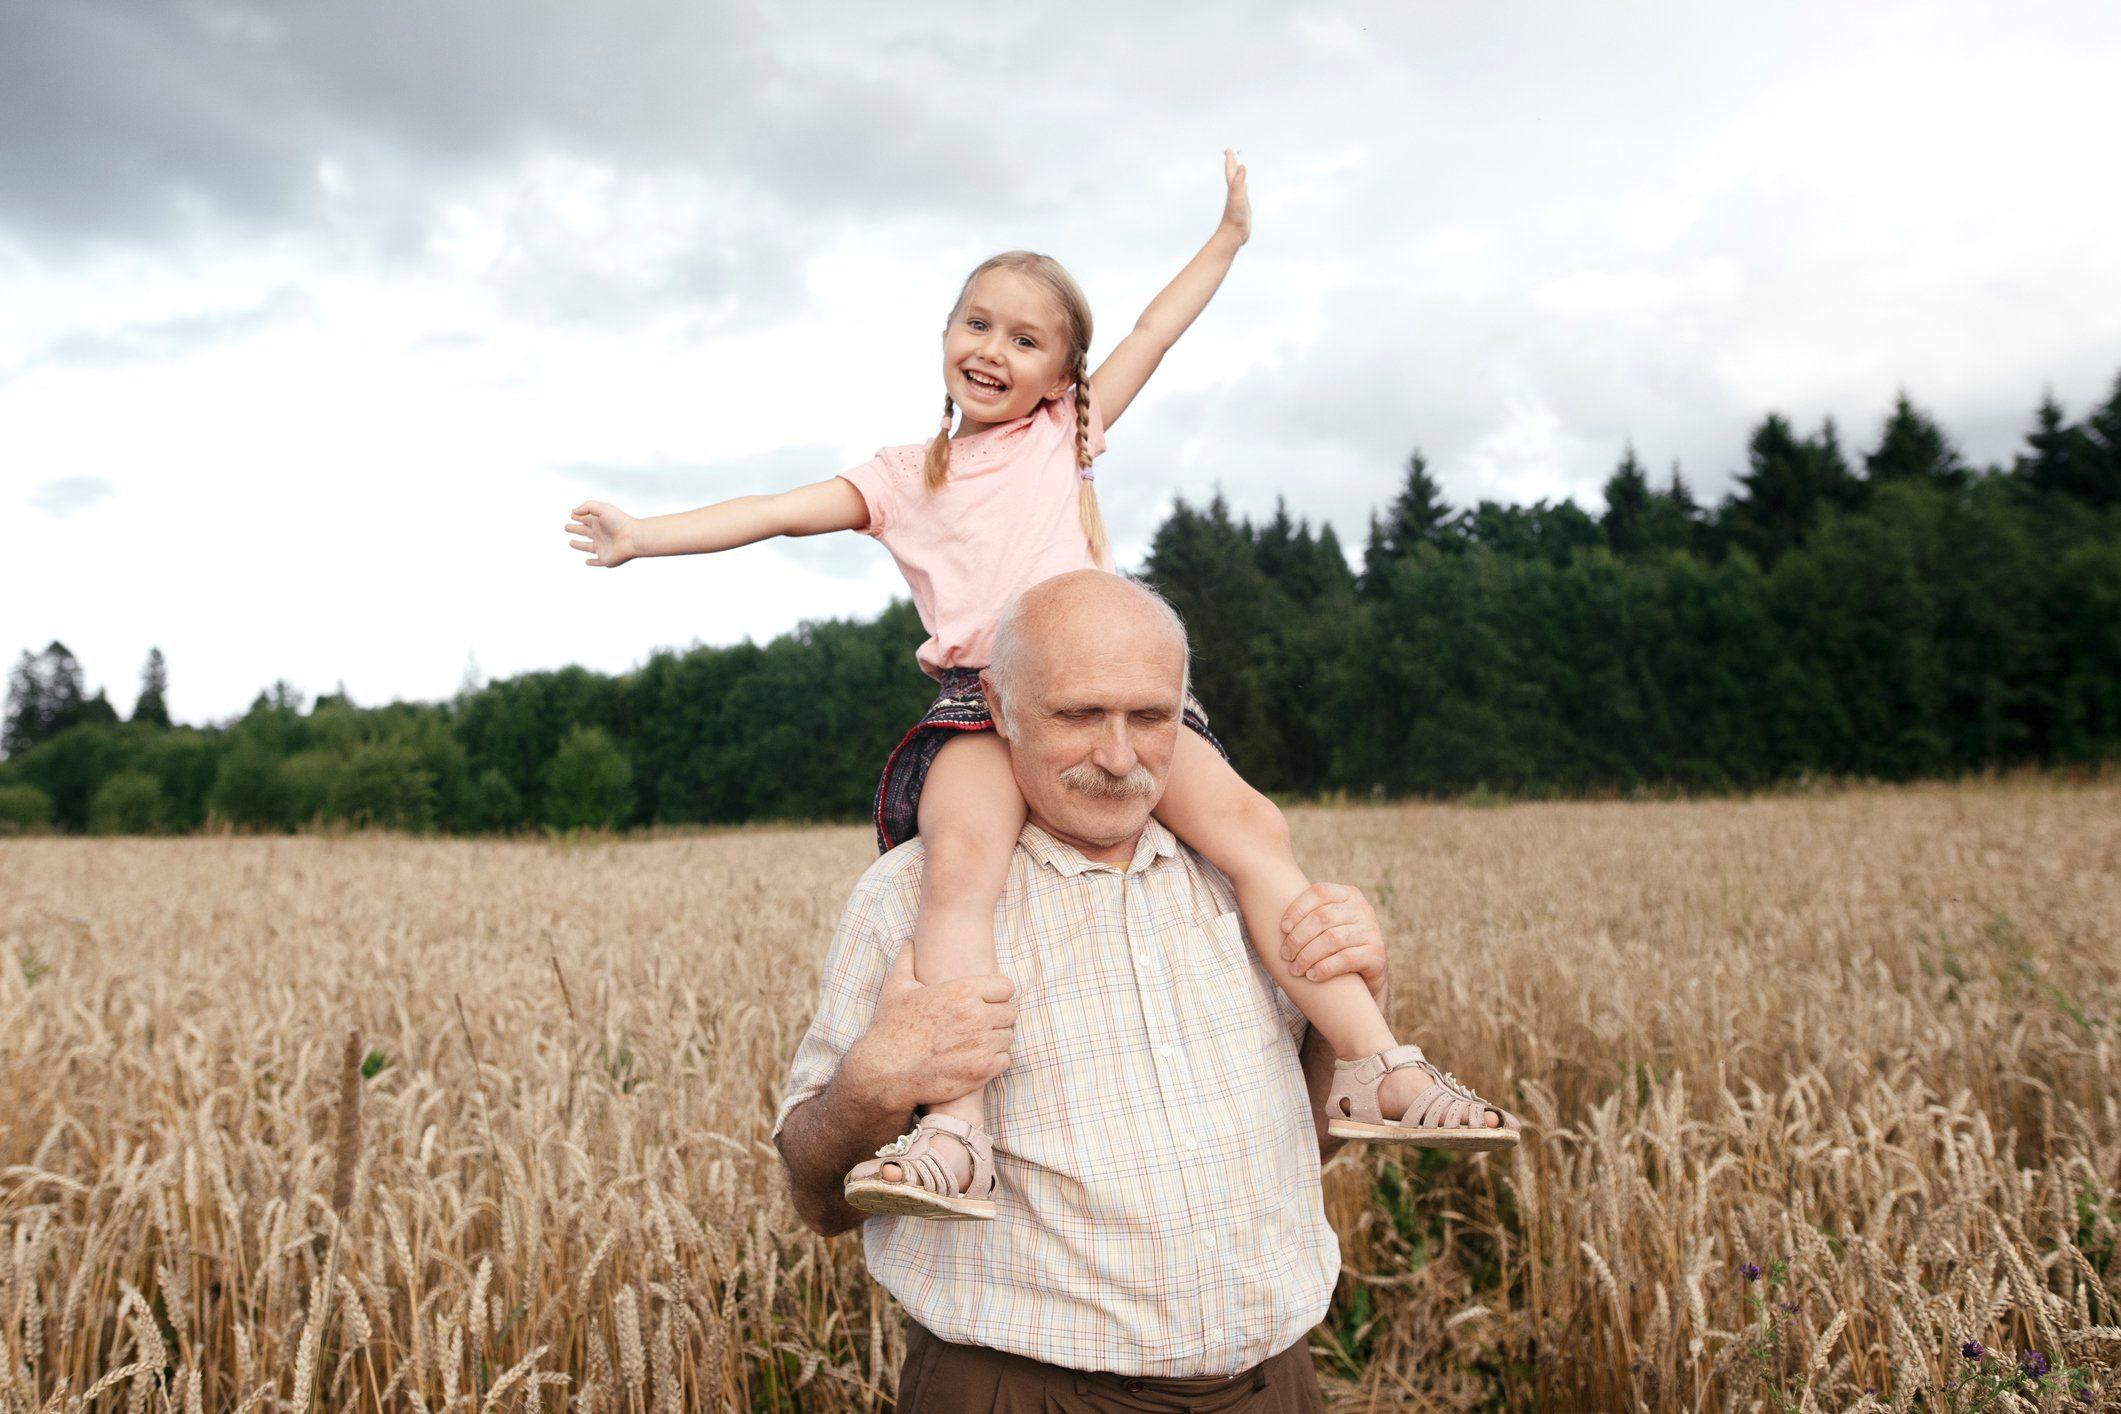 Portrait of happy little girl on grandfather's shoulders in an oat field